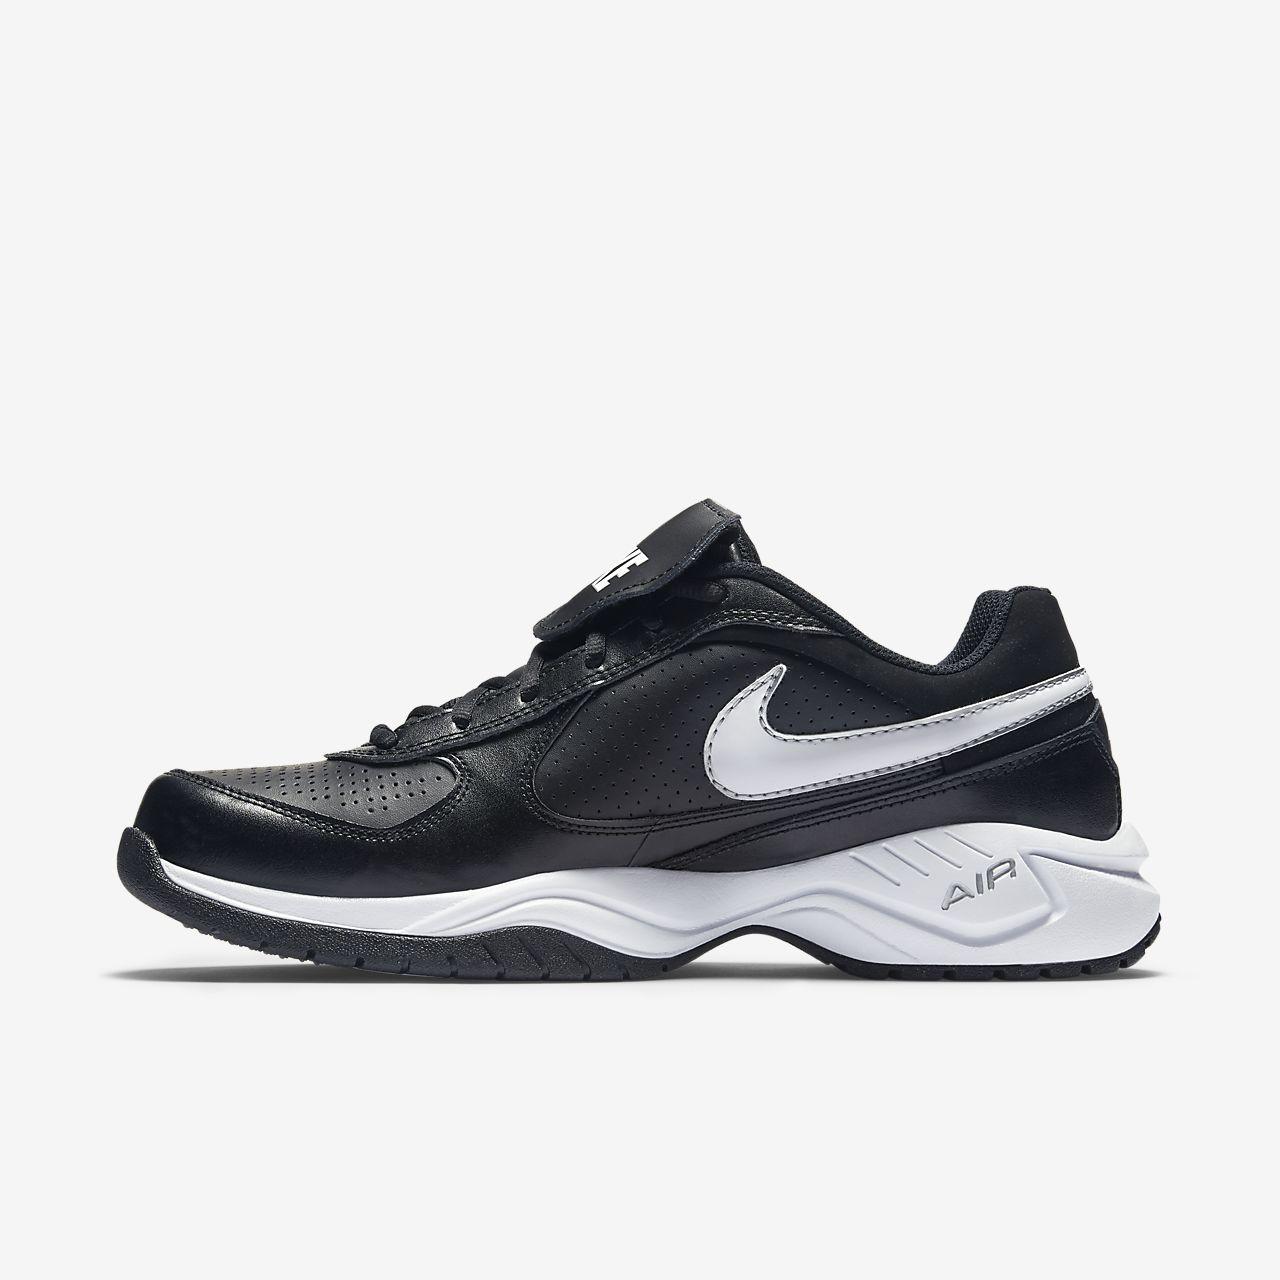 Nike Tamaño De Los Zapatos De Béisbol 9 Niño